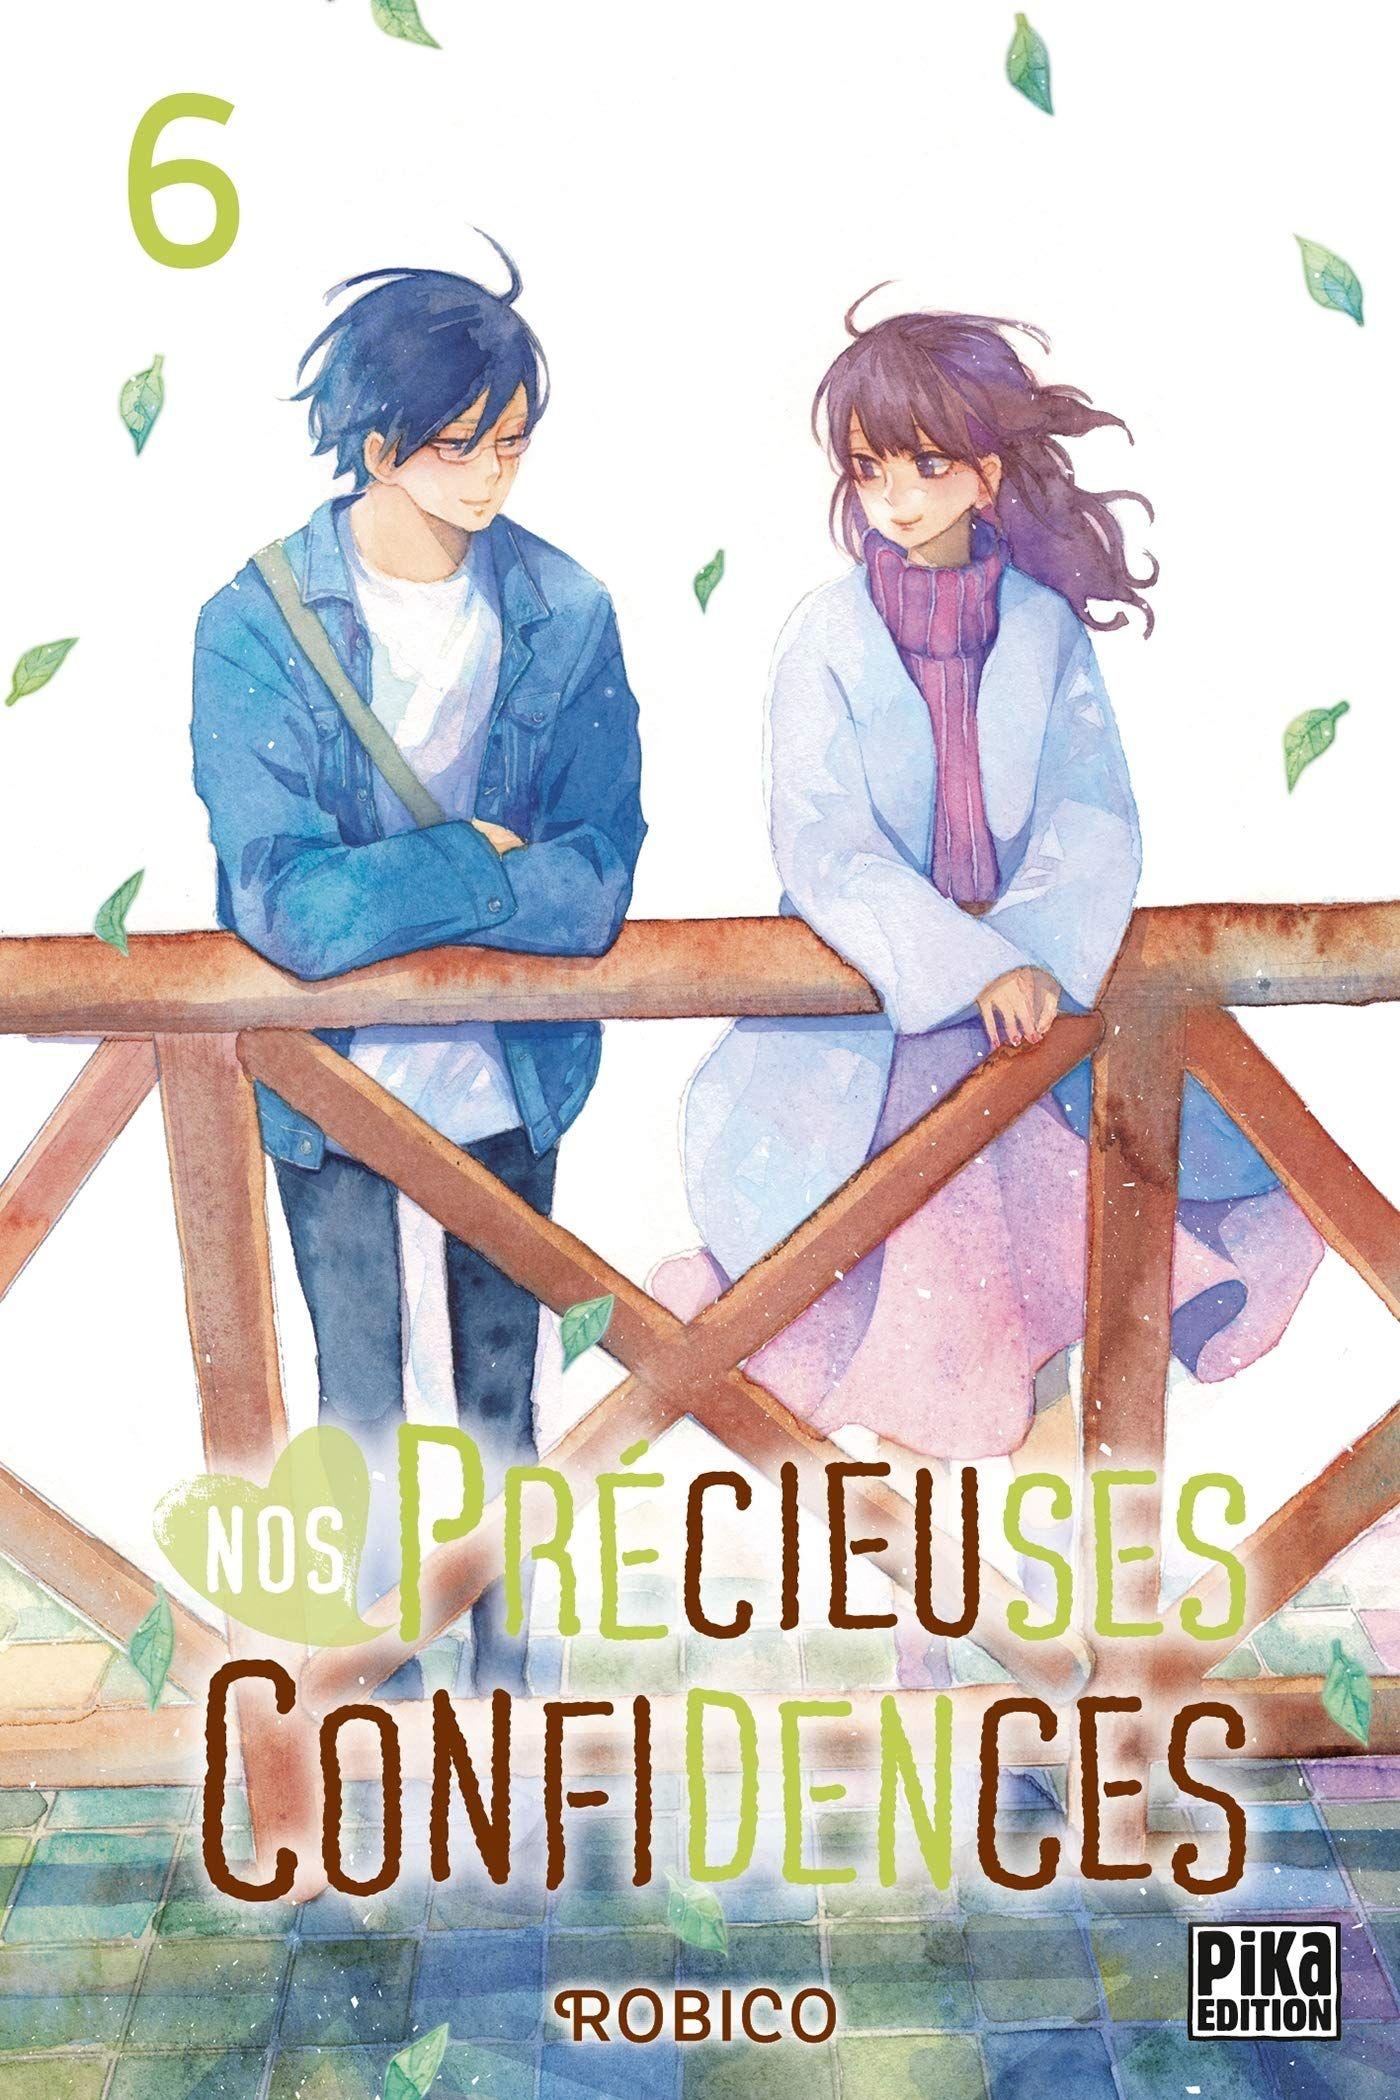 Sortie Manga au Québec JUILLET 2021 Nos-precieuses-confidences-6-pika